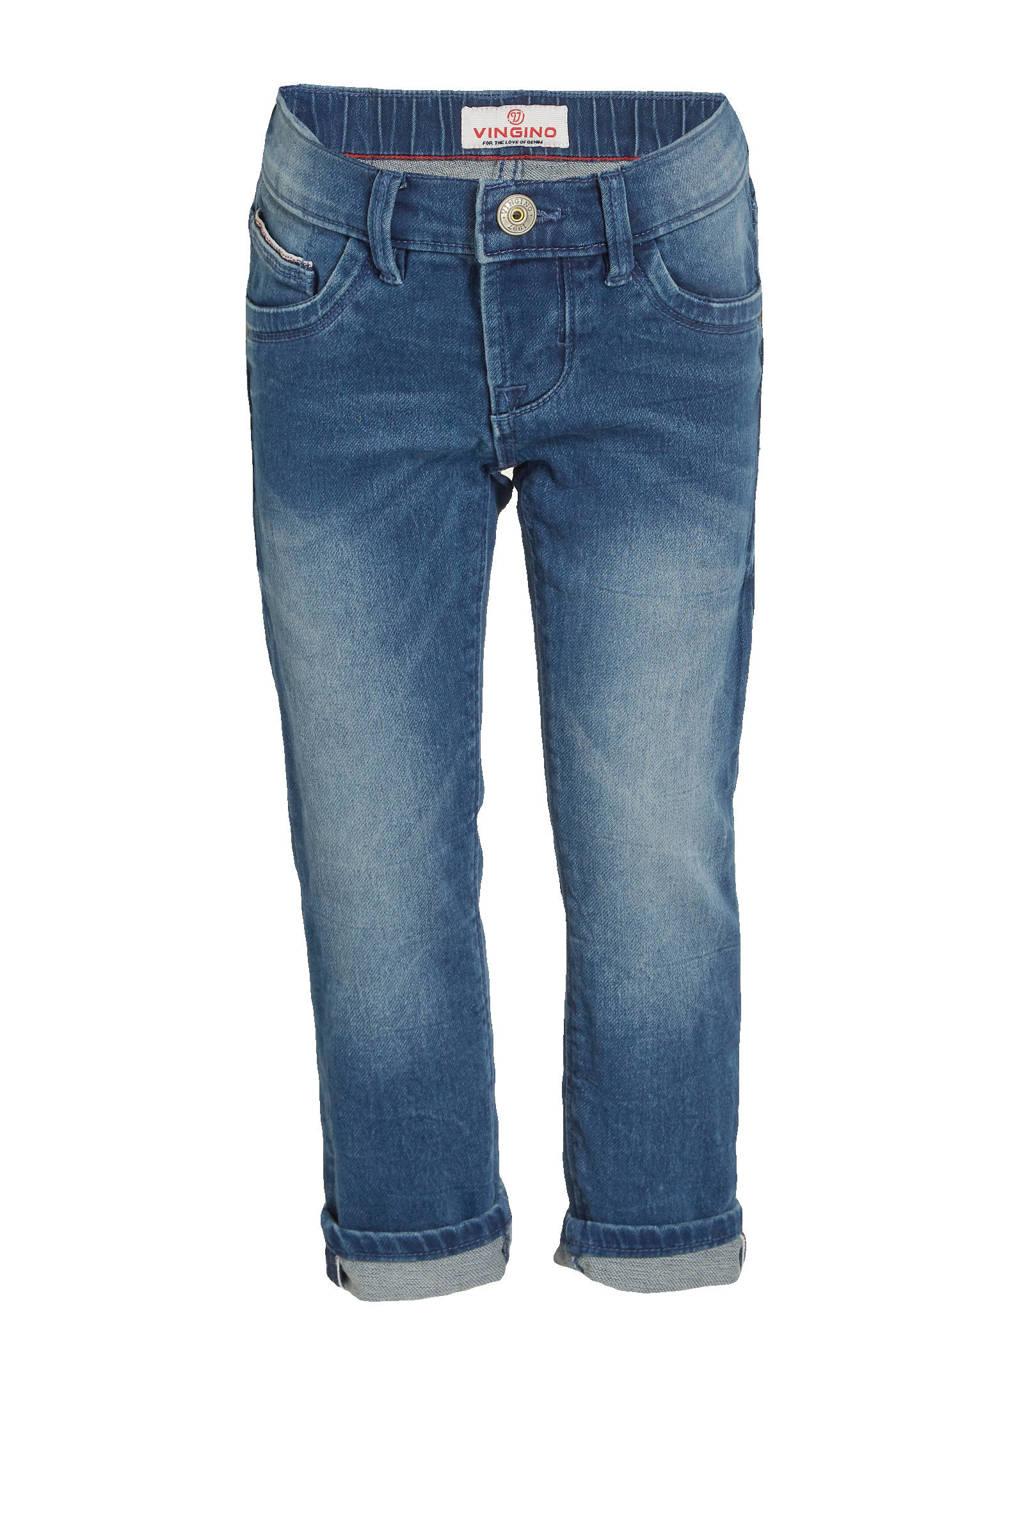 Vingino slim fit jeans Bertino mini cruziale blue, Cruziale blue